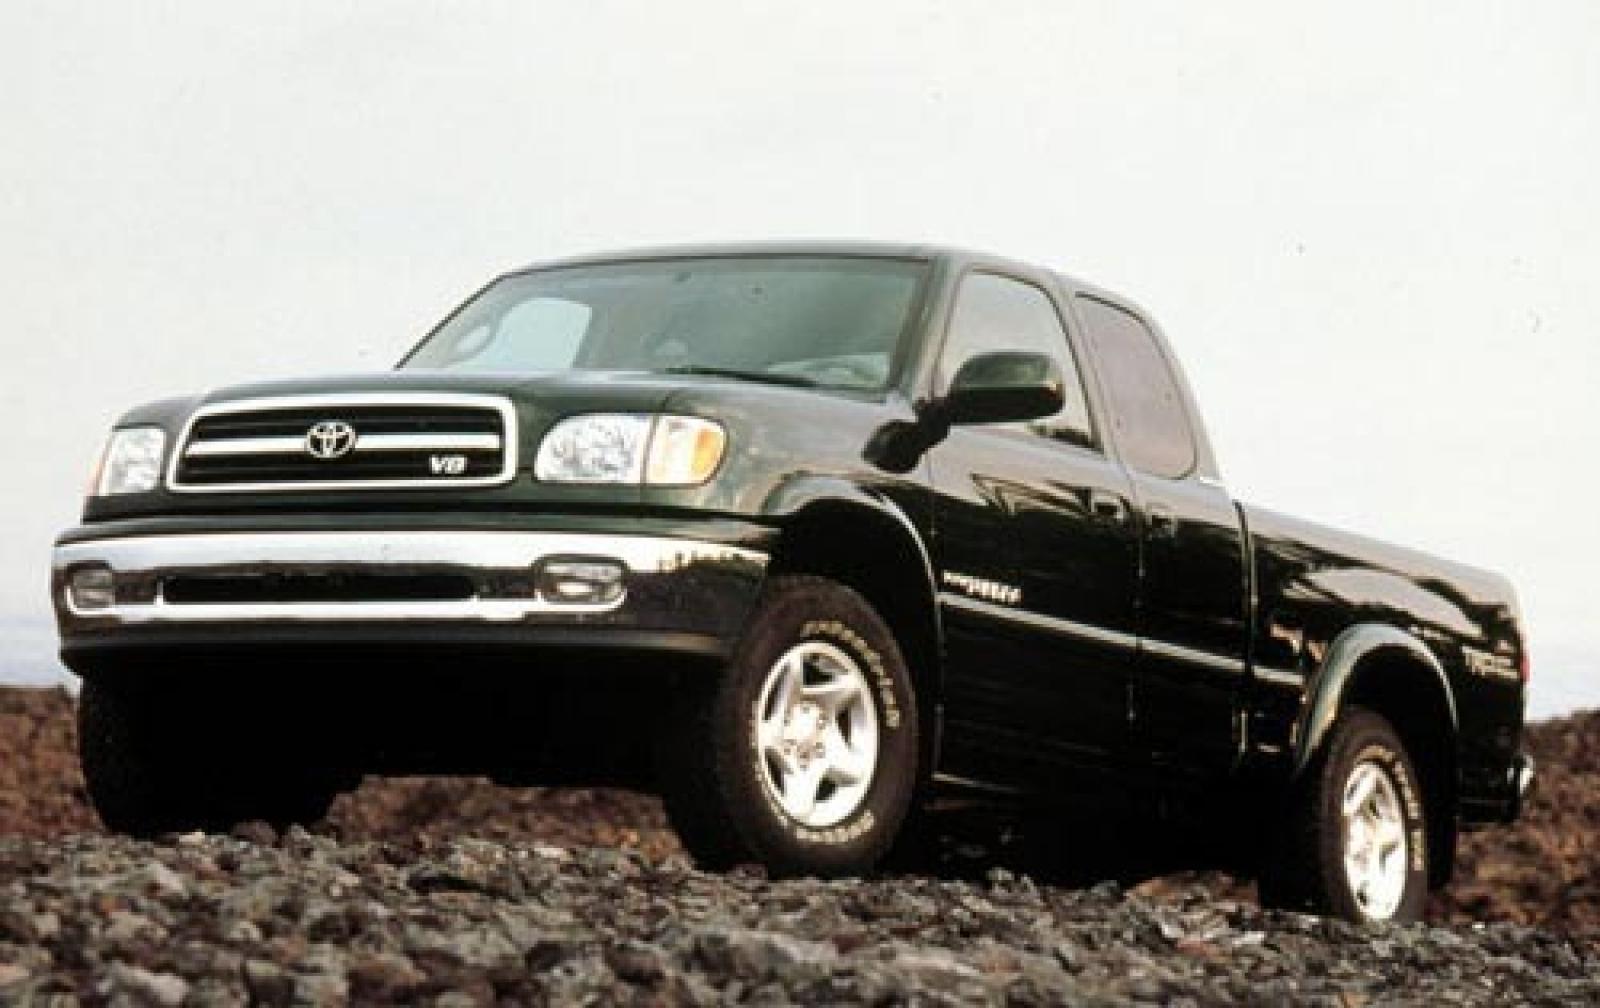 2001 Toyota Tundra 2